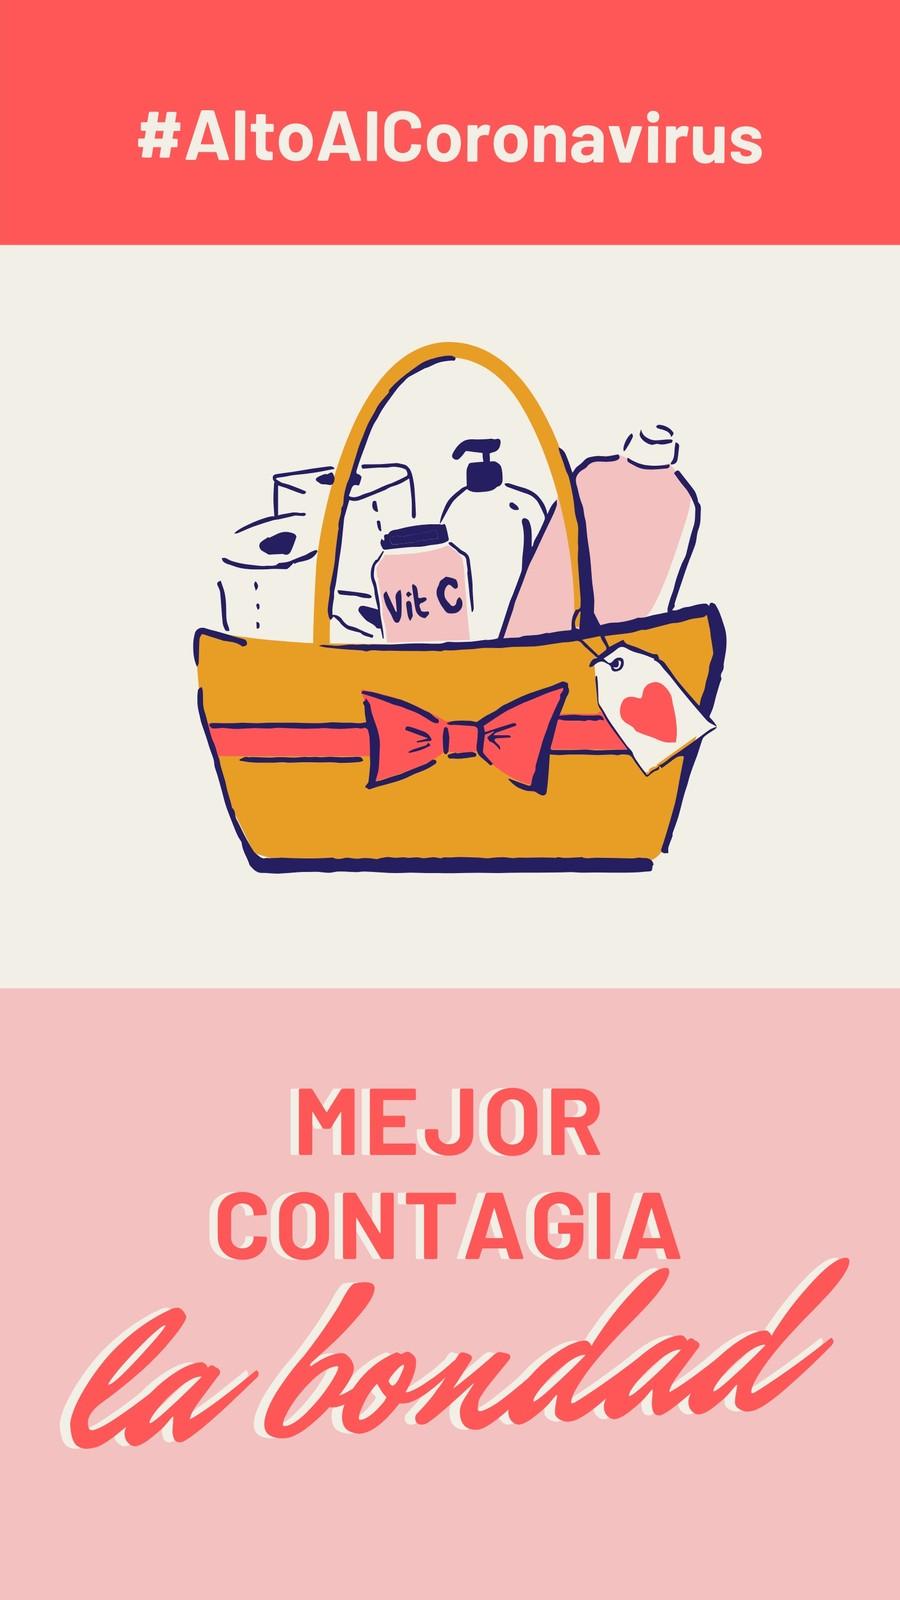 Alto Al Coronavirus Mejor Contagia Bondad Rosa y Rojo Instagram Story